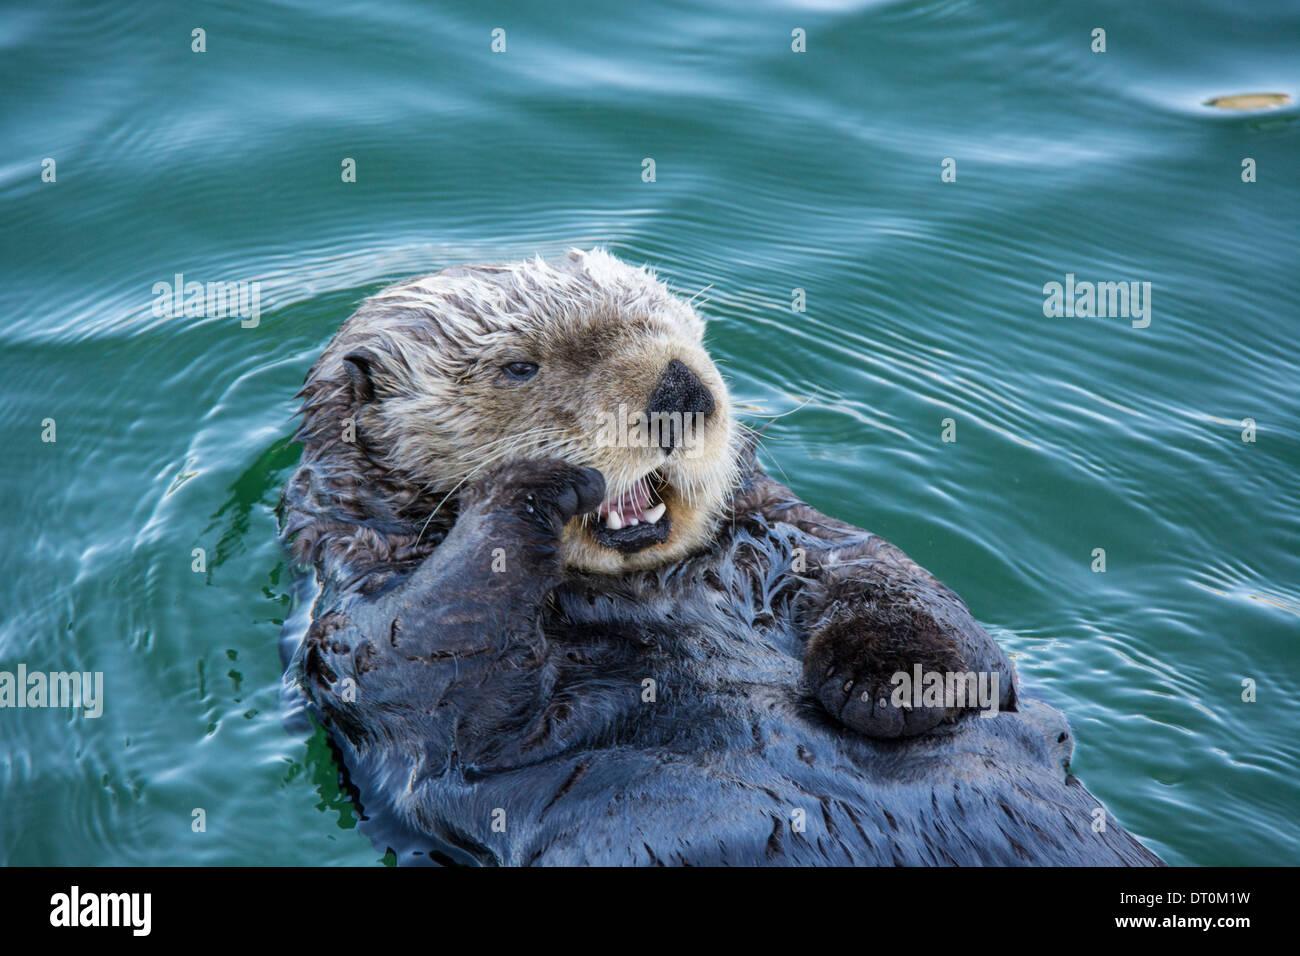 Cute Sea Otter, Enhydra Lutris, wieder im Wasser liegend und Gähnen mit Pfote auf seinem Gesicht, Ort Harbor, Alaska, USA Stockbild